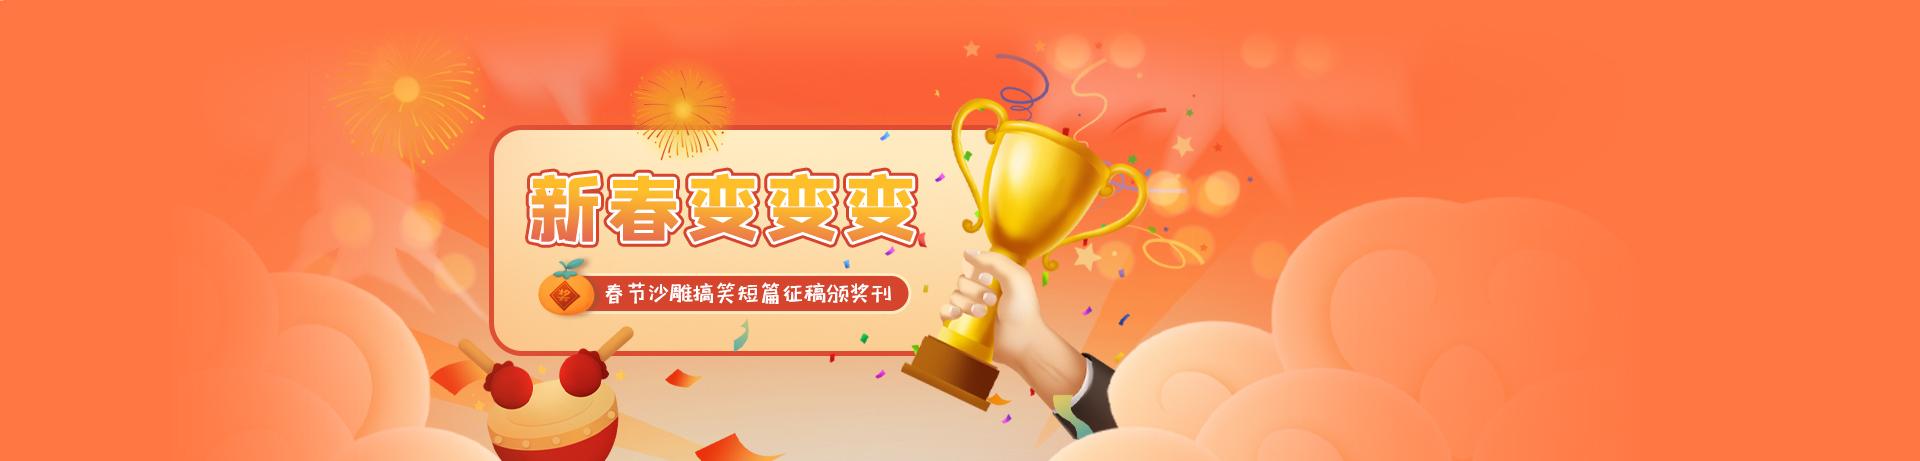 [活动]新春变变变颁奖典礼